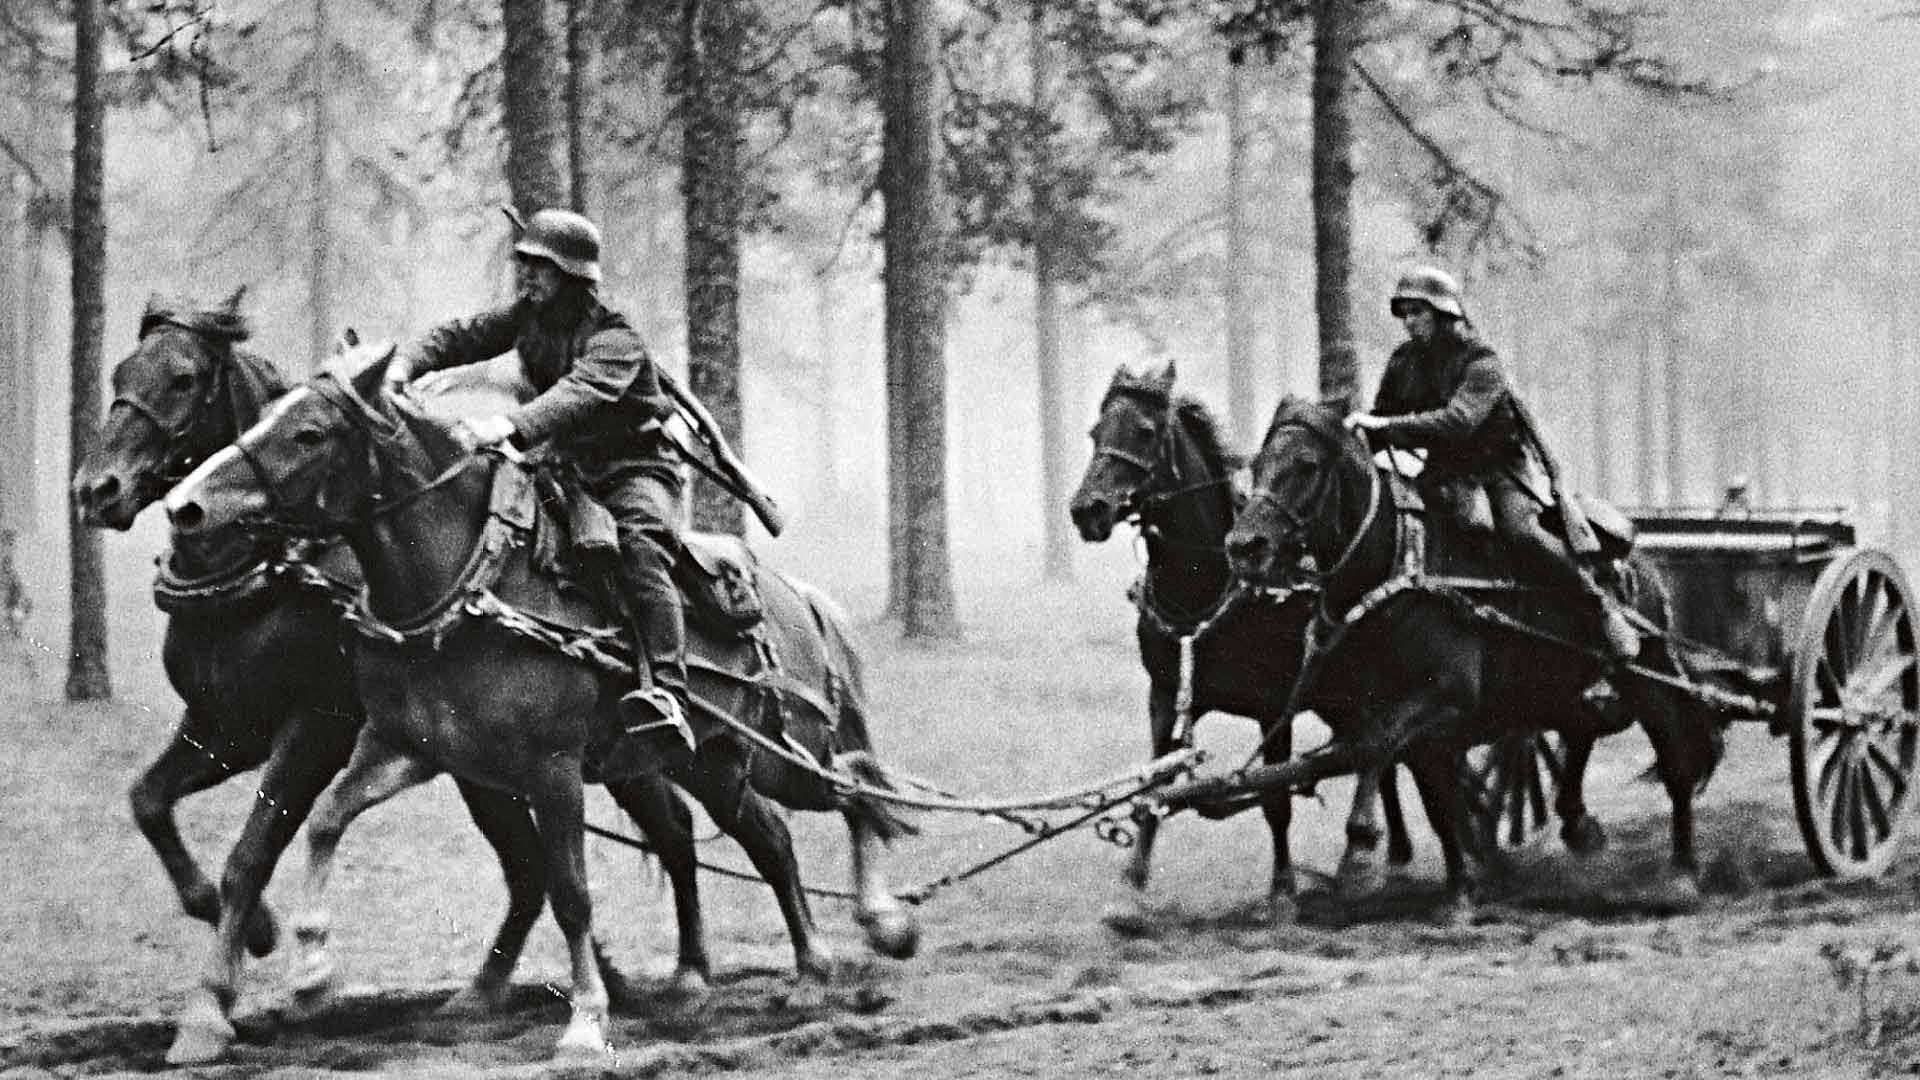 Kankaanpään Seudun Tykistökillan ja Niinisalon Ratsastajat ry:n ratsastajat ovat vaalineet tykkivaljakkoperinnettä 1980-luvulta lähtien.